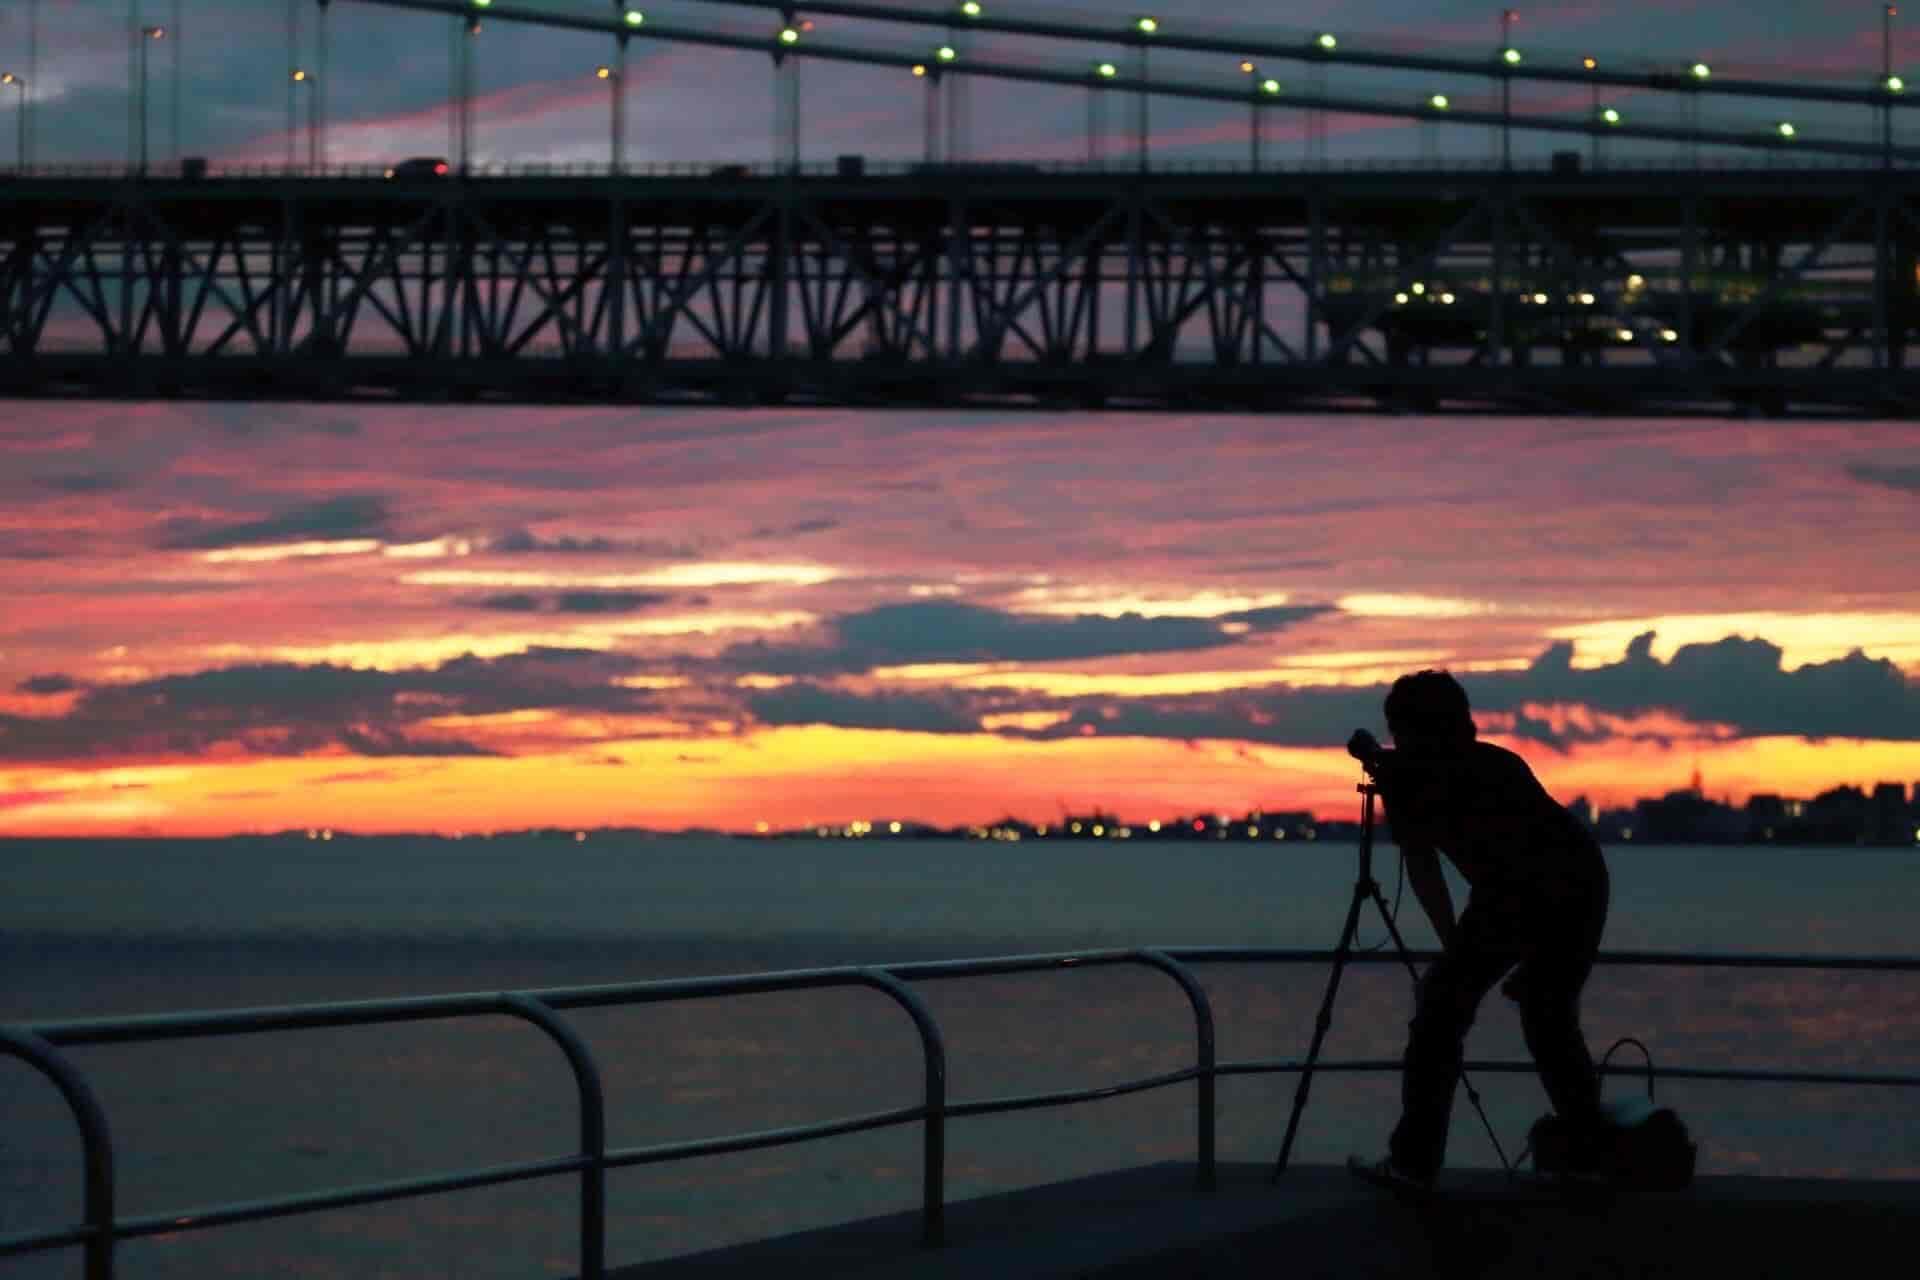 ラブ探偵事務所と他社の千葉県安房郡での夜間暗視撮影